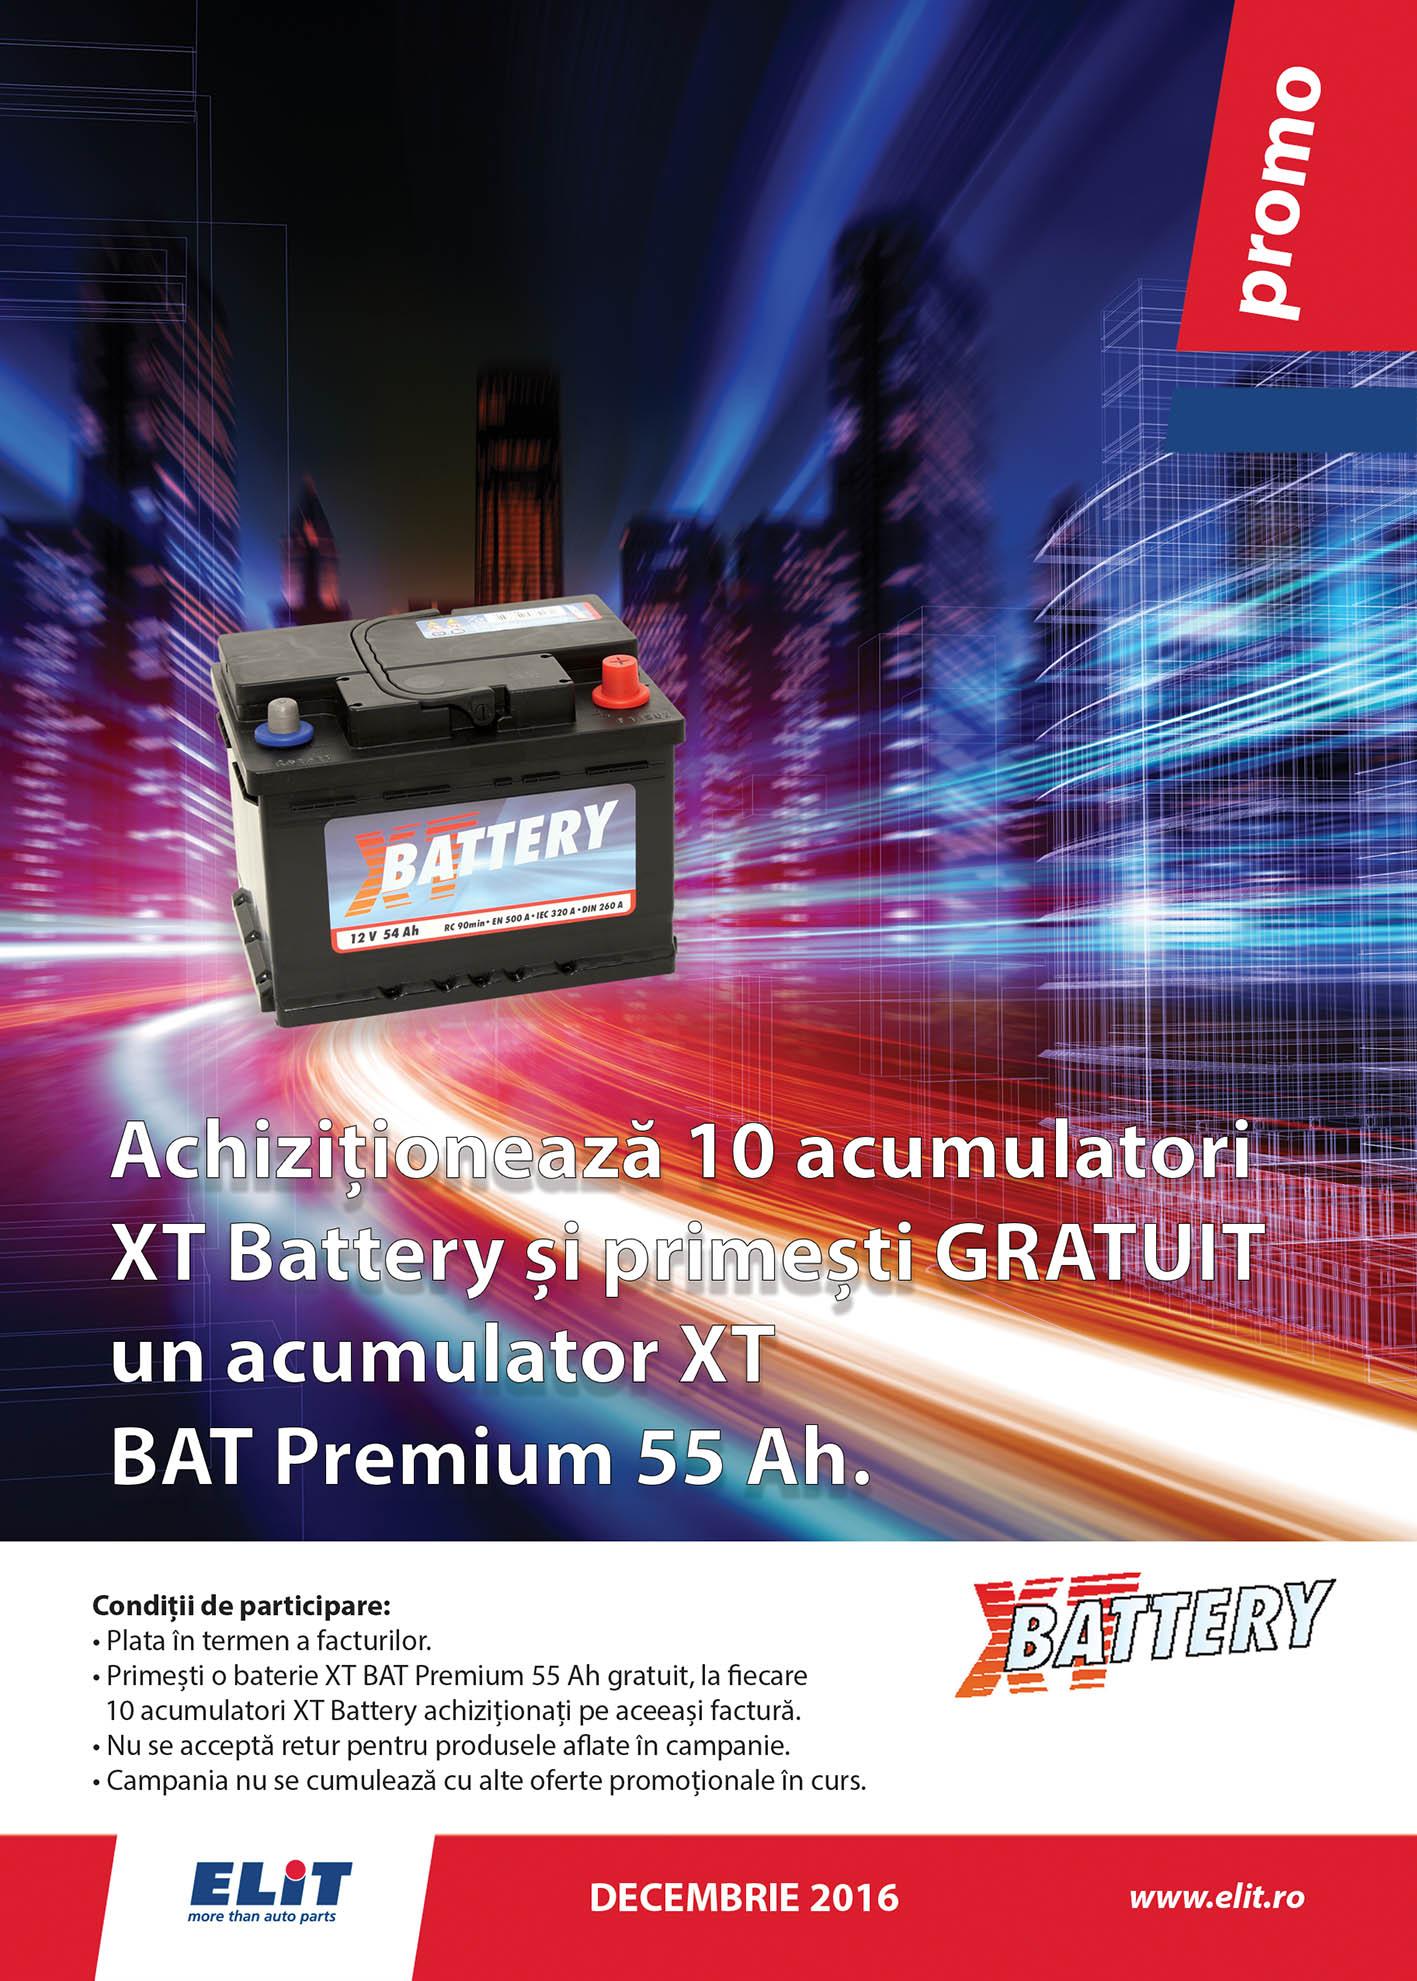 Oferta speciala baterii XT